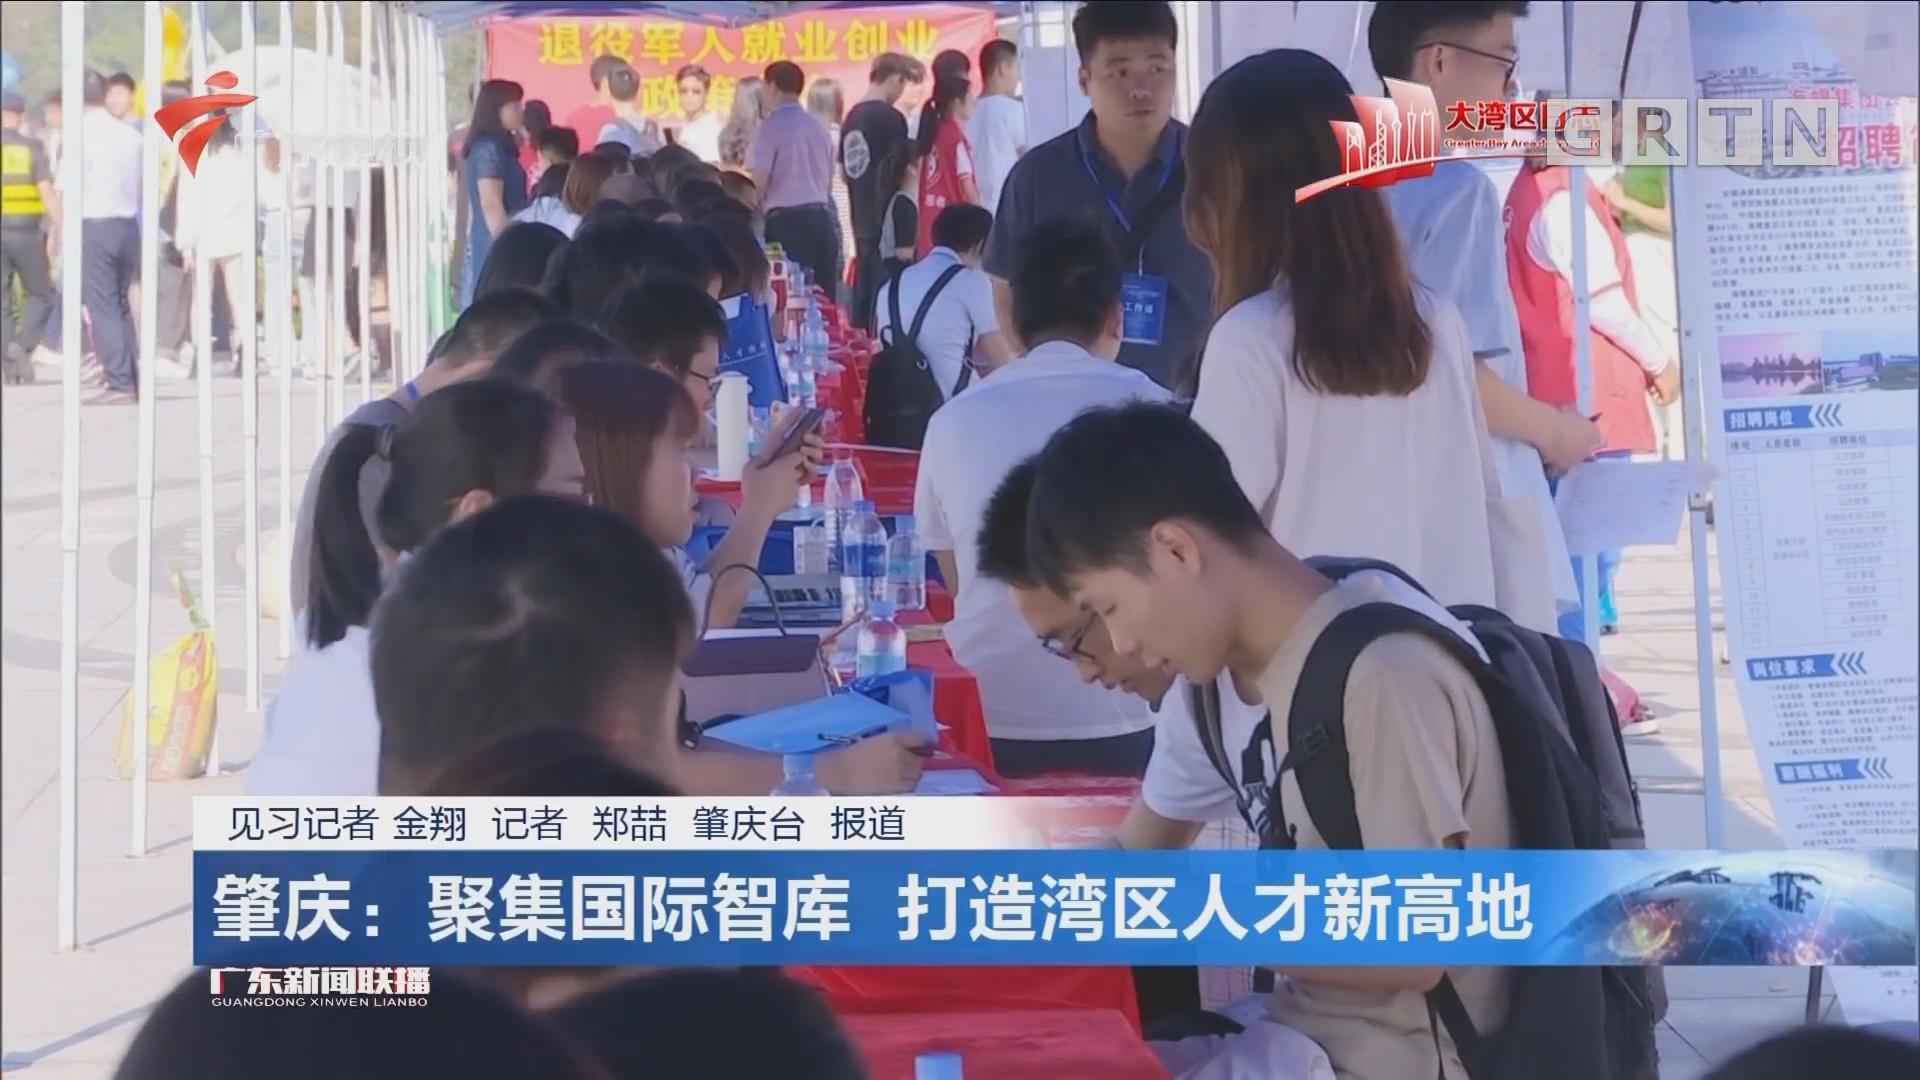 肇庆:聚集国际智库 打造湾区人才新高地